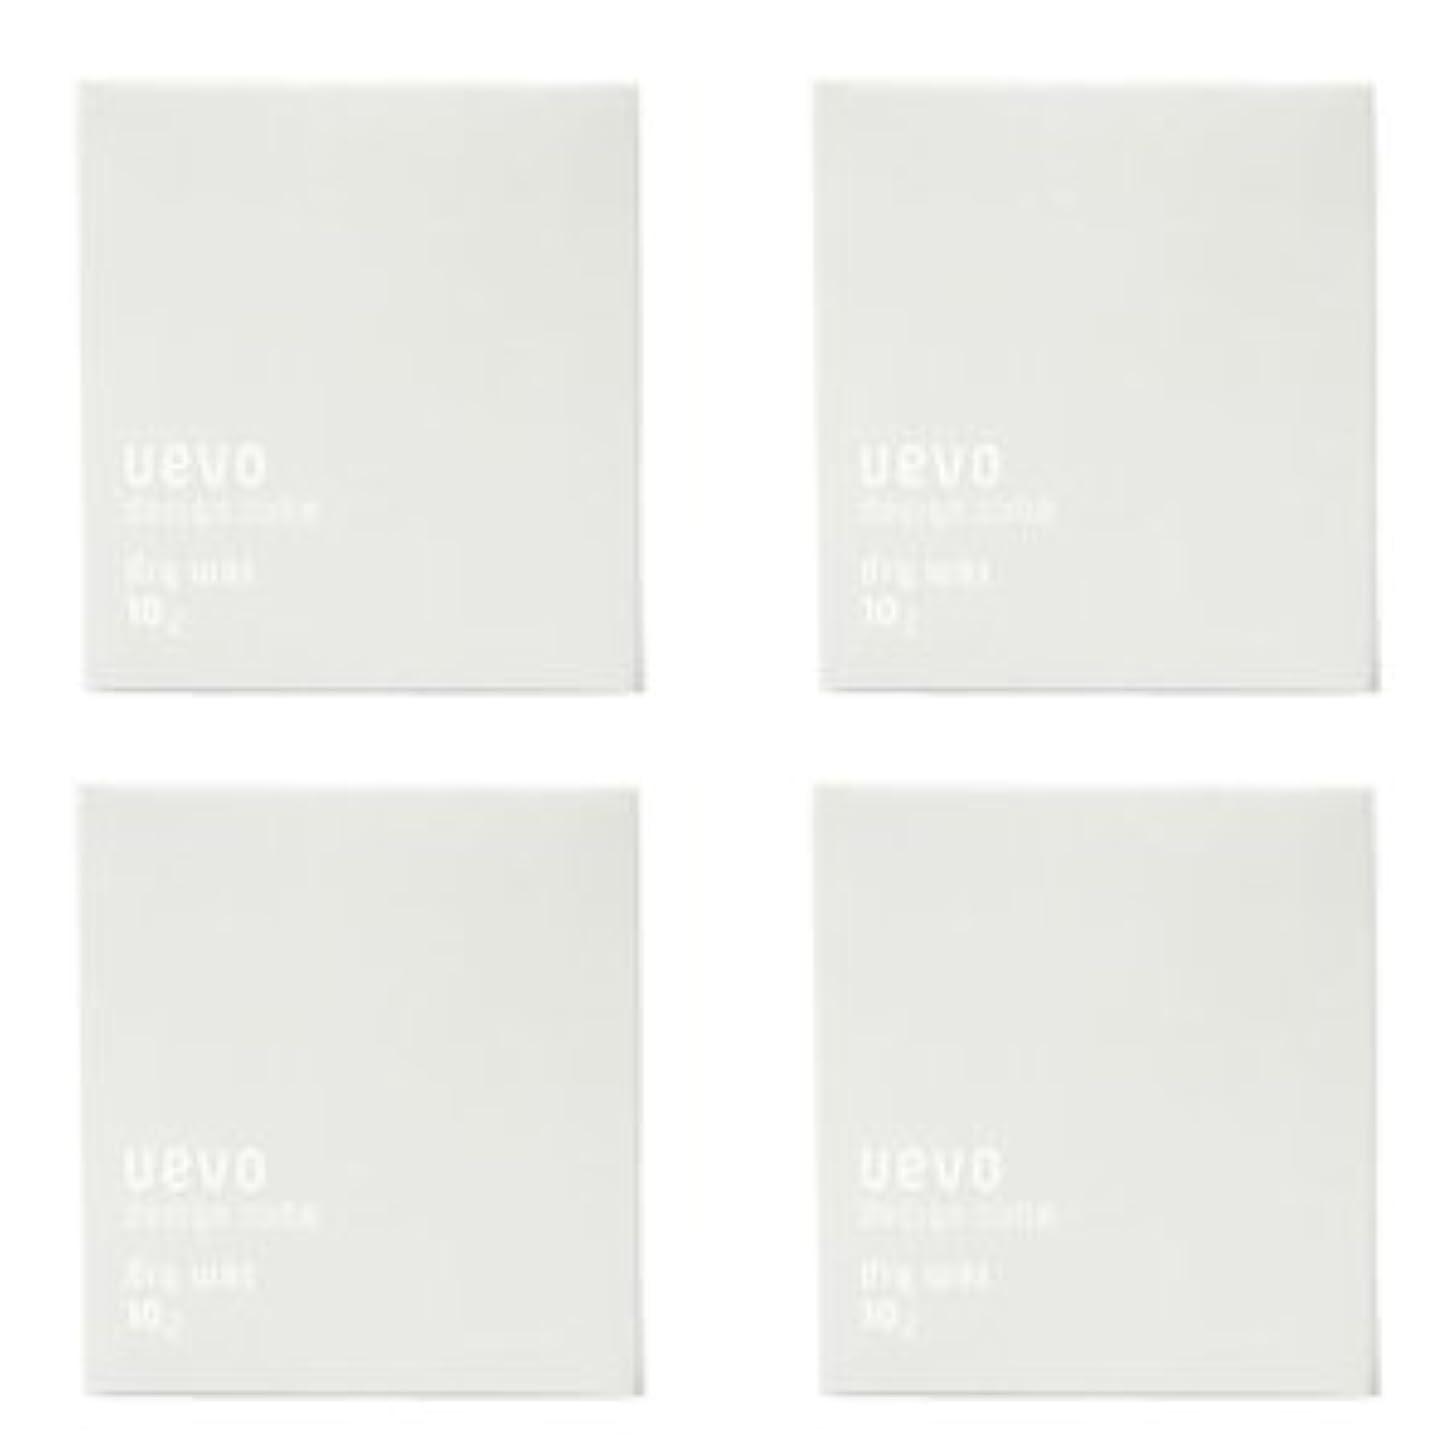 サービスパラシュートネブ【X4個セット】 デミ ウェーボ デザインキューブ ドライワックス 80g dry wax